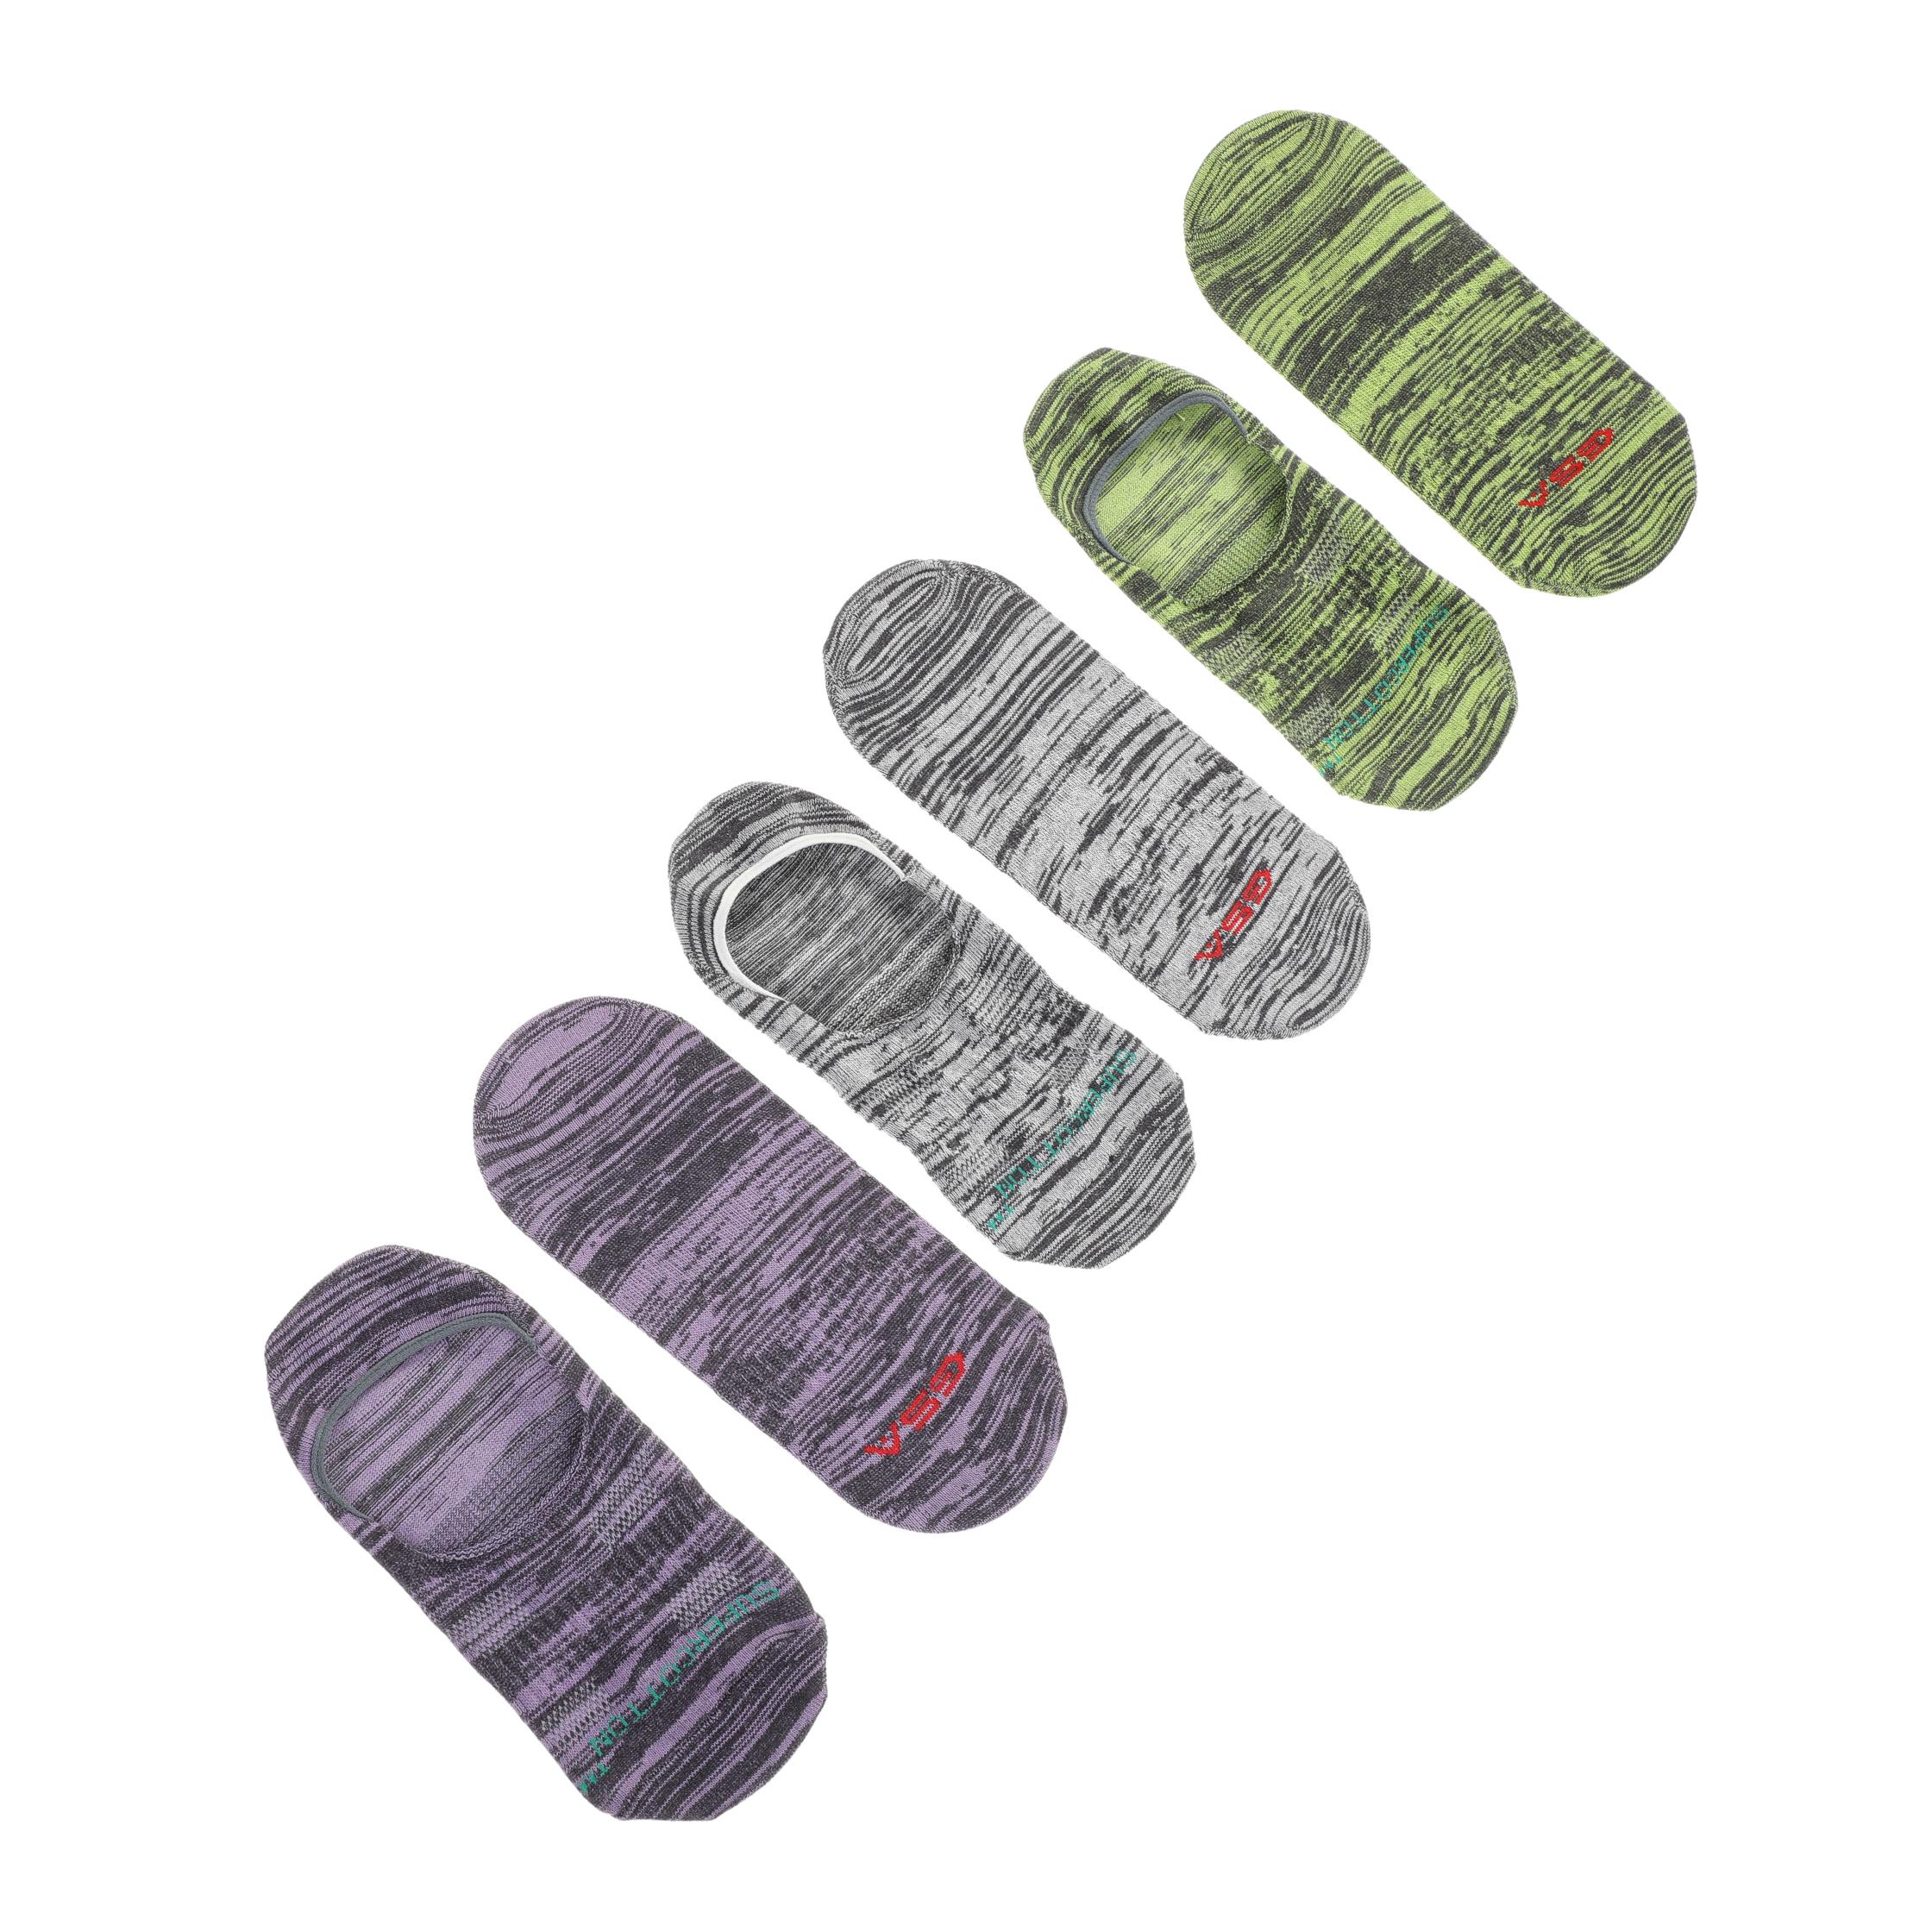 GSA - Σετ γυναικείες κάλτσες GSA AERO 370 γυναικεία αξεσουάρ κάλτσες